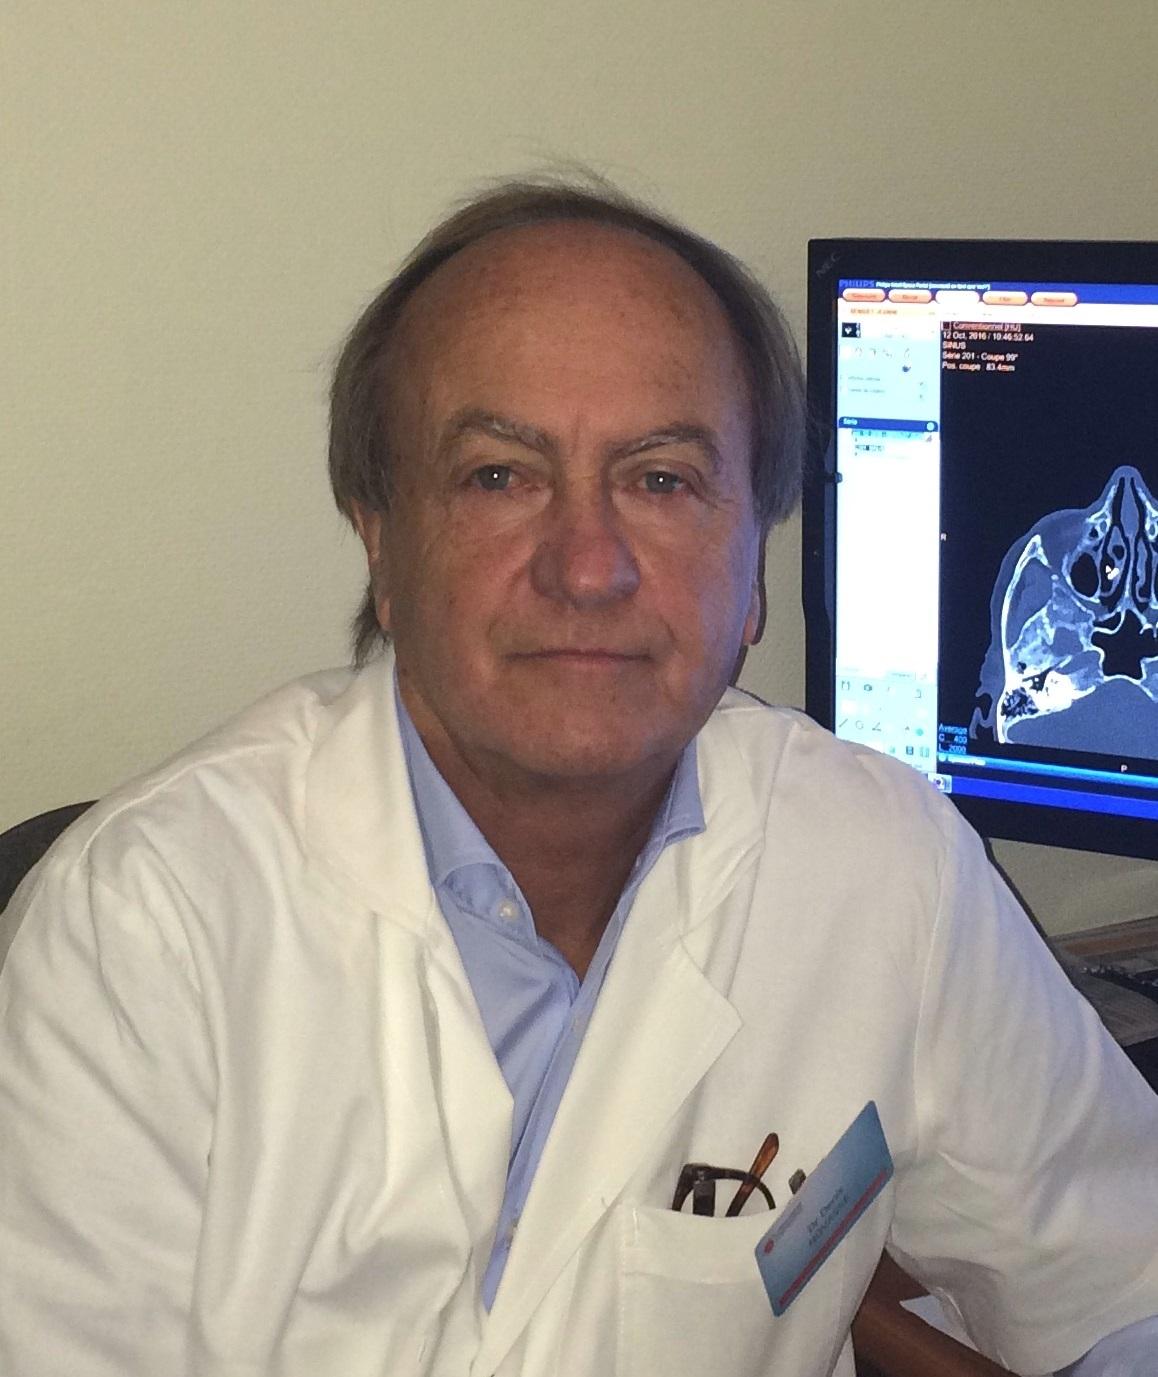 Dr Denis Hovasse, radiologue, responsable du centre d'imagerie de l'hôpital privé d'Antony